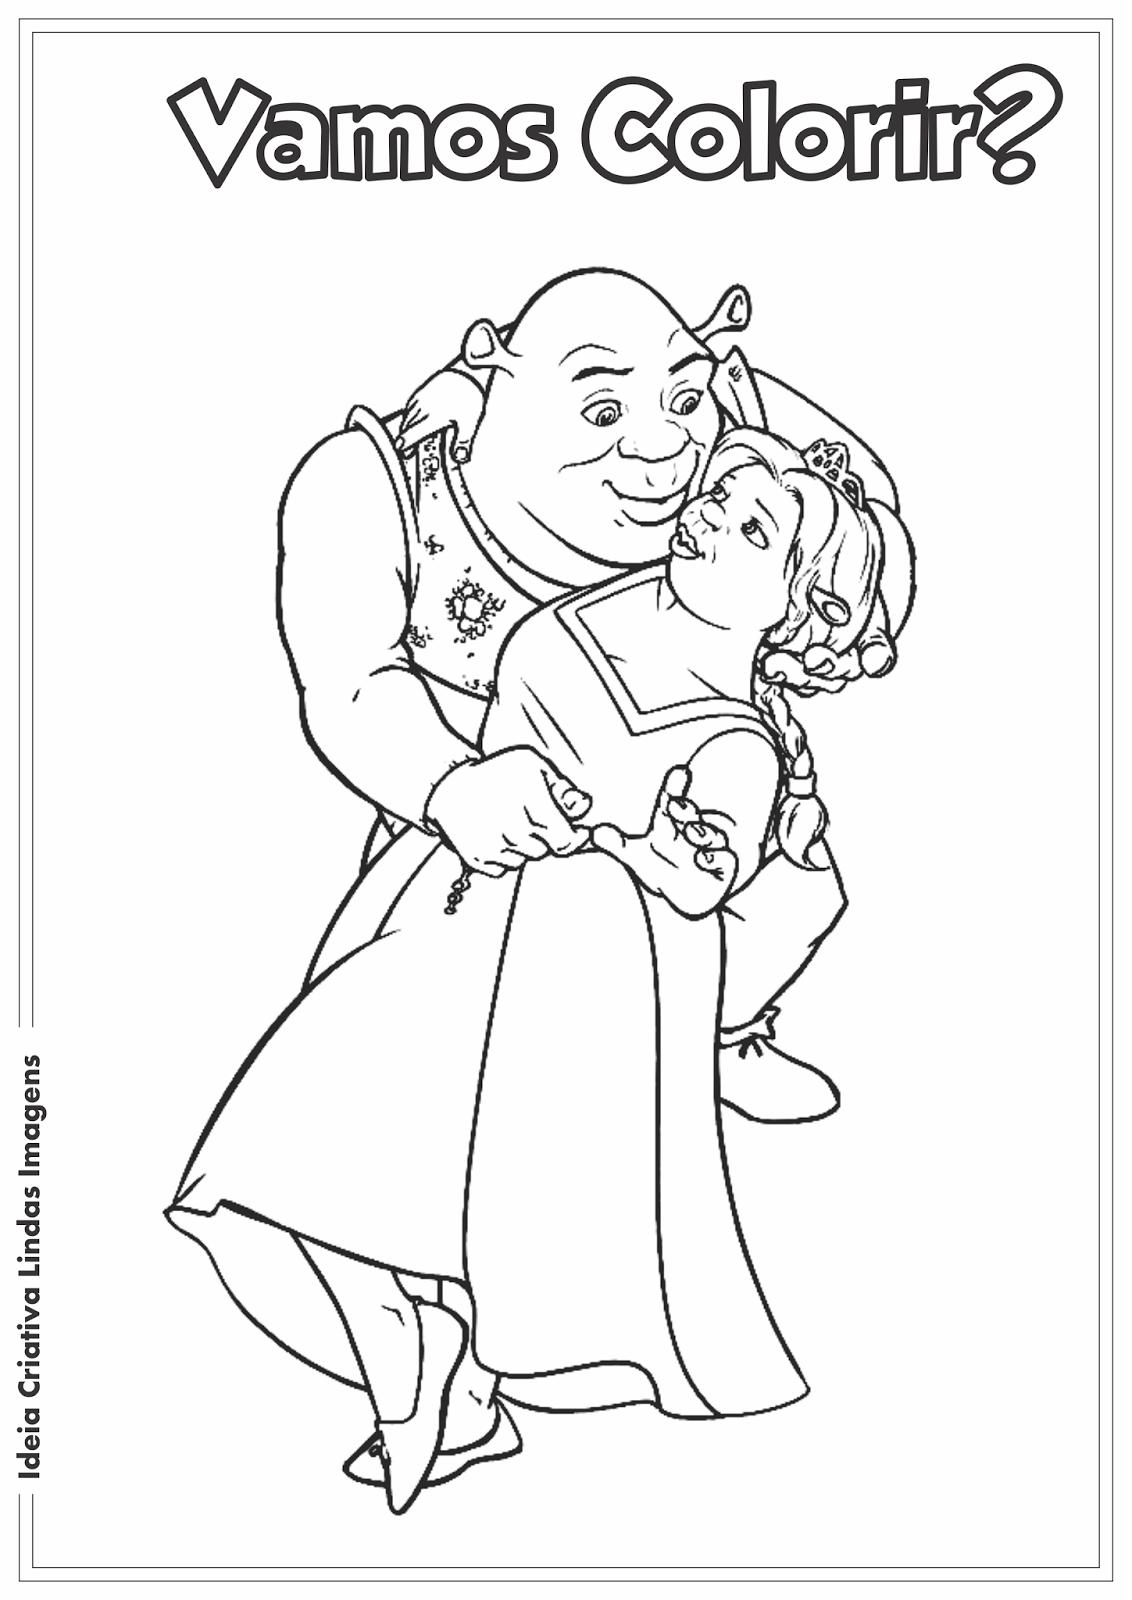 Shrek e Fiona desenho para colorir